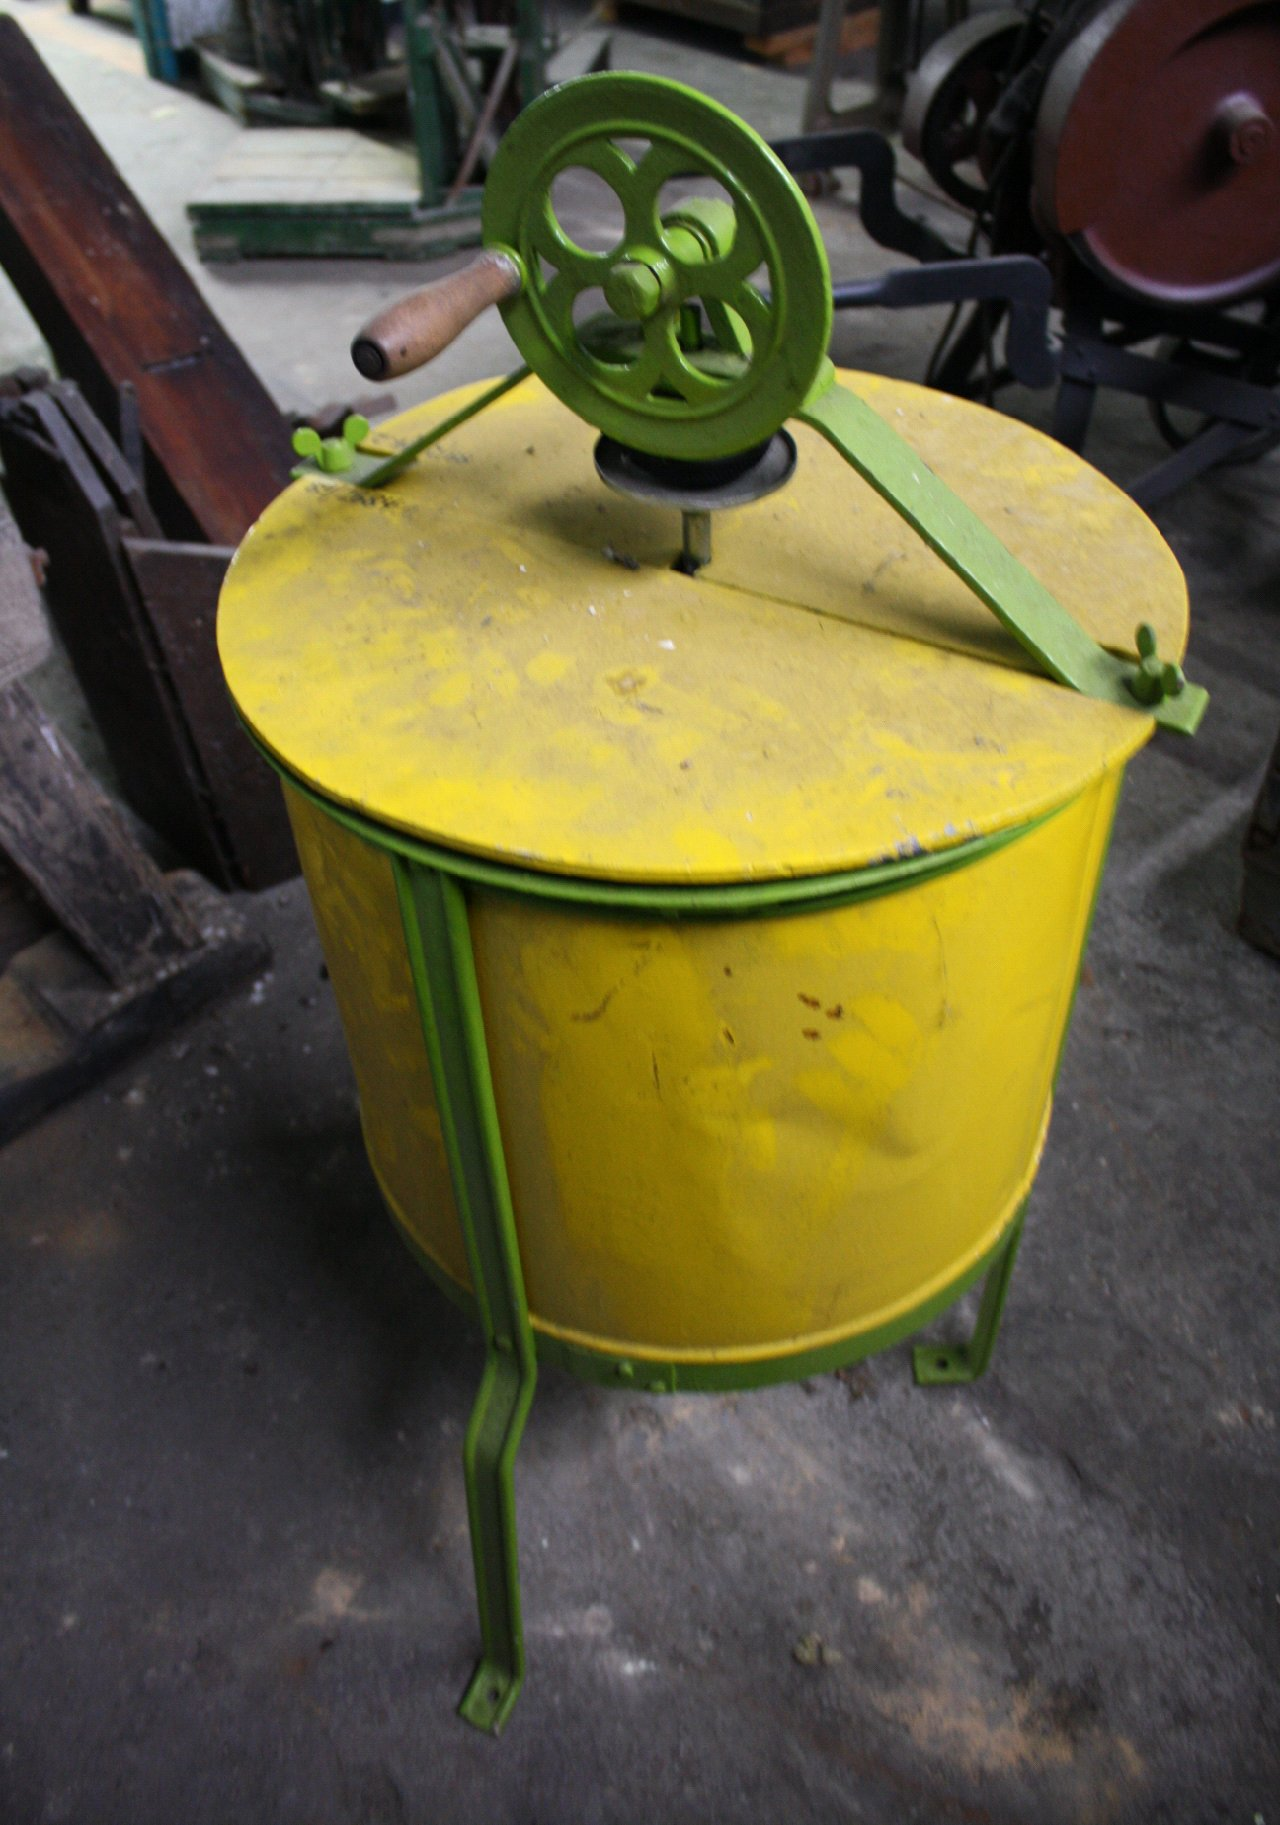 Antike Honigschleuder-1